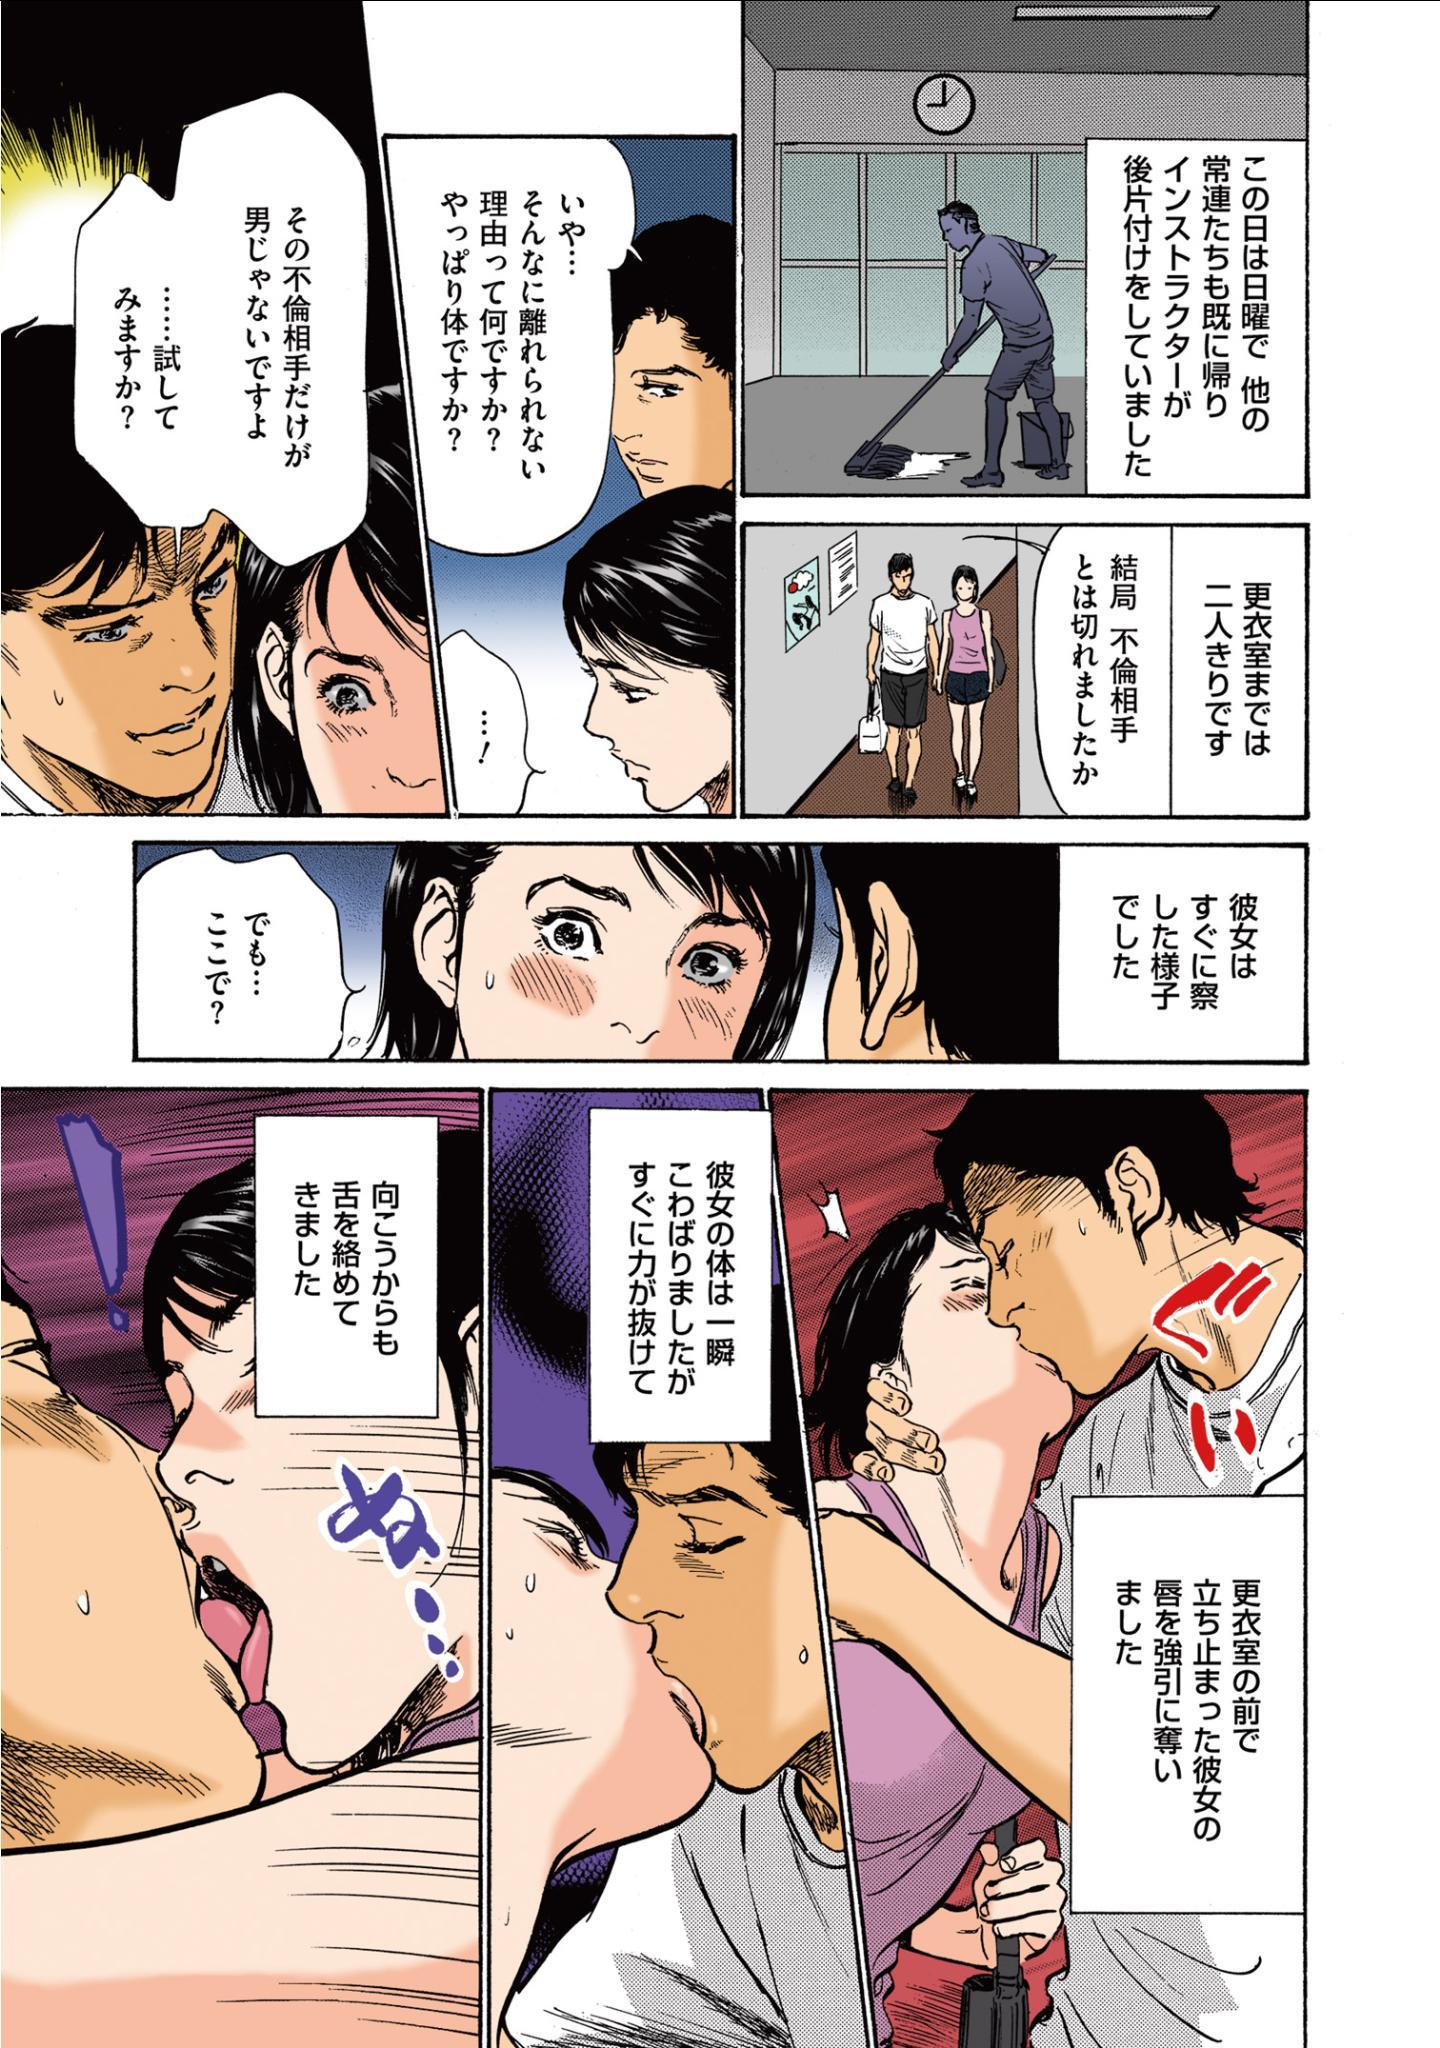 [Hazuki Kaoru] Hazuki Kaoru no Tamaranai Hanashi (Full Color Version) 1-2 26